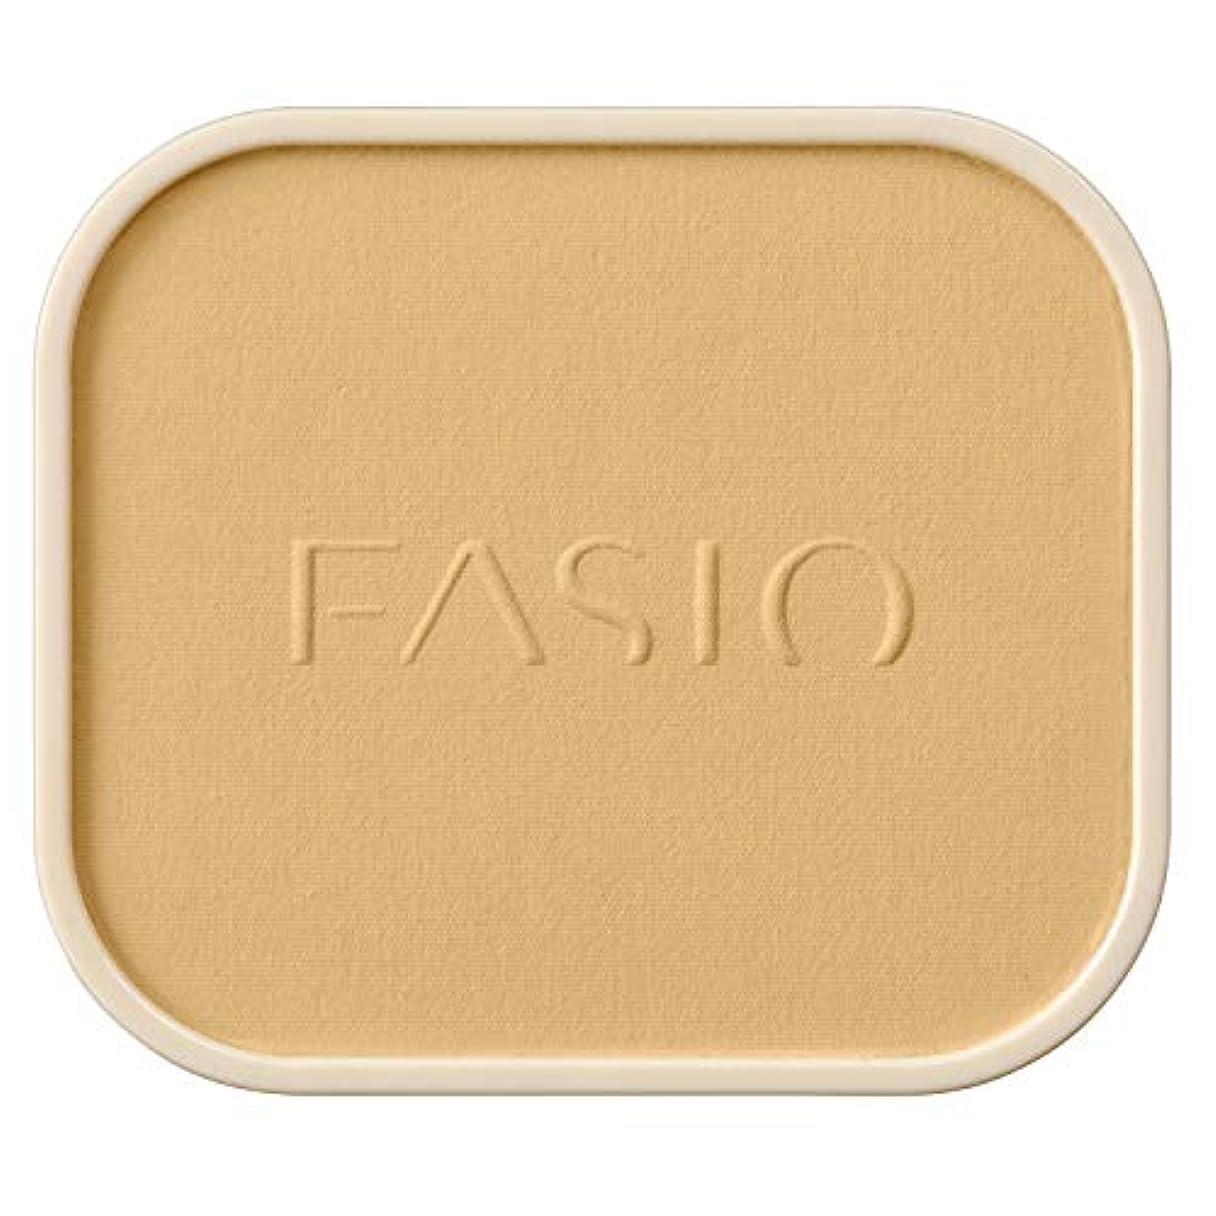 の量区仕えるファシオ ラスティング ファンデーション WP ベージュオークル 310 10g